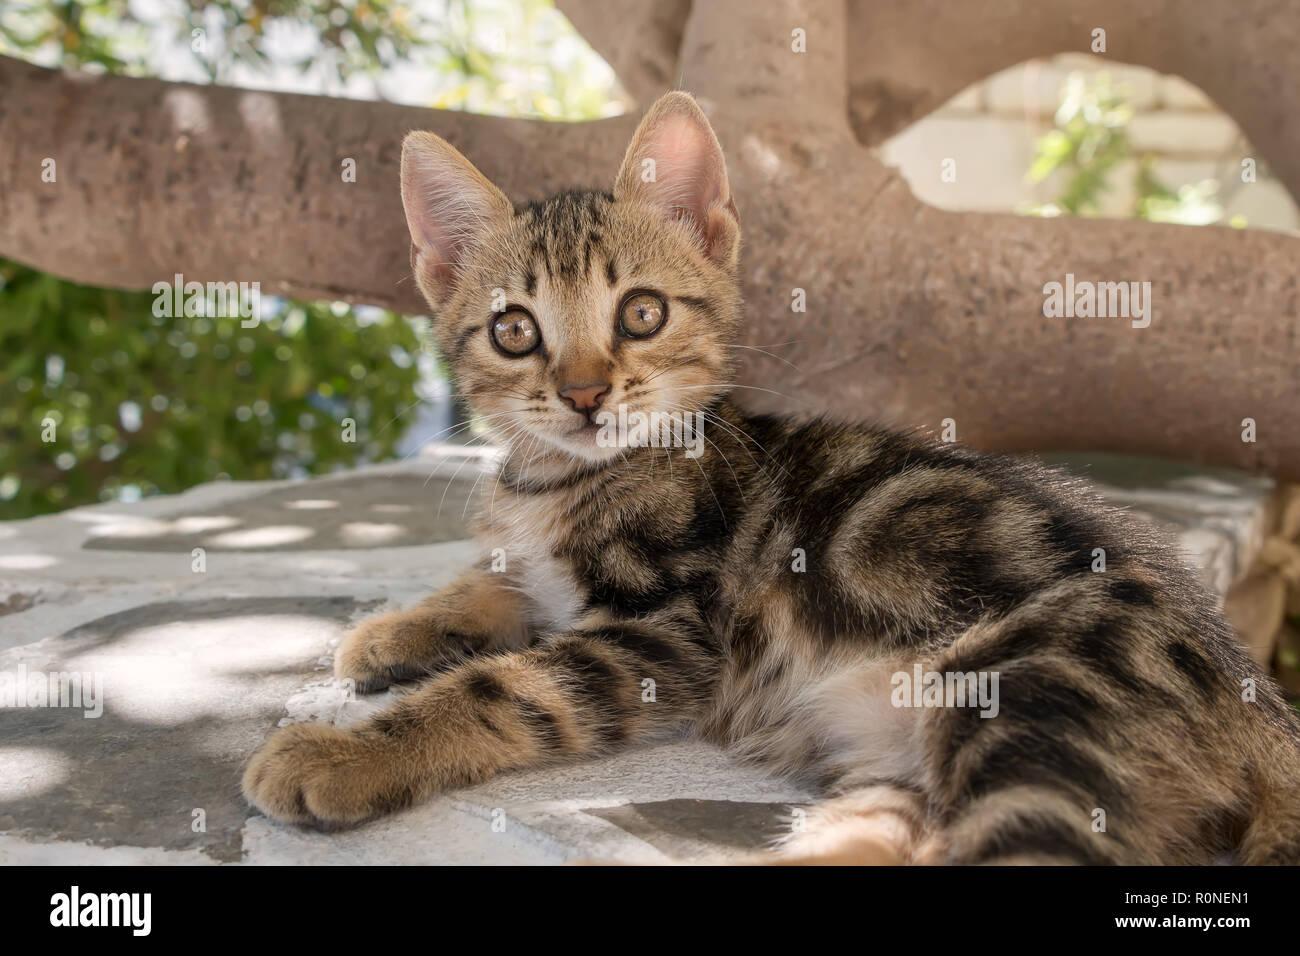 Mignon bébé chaton, brown tabby classique, reposant sur un mur, regardant avec de grands yeux, l'île de la mer Égée, Grèce, Europe Banque D'Images